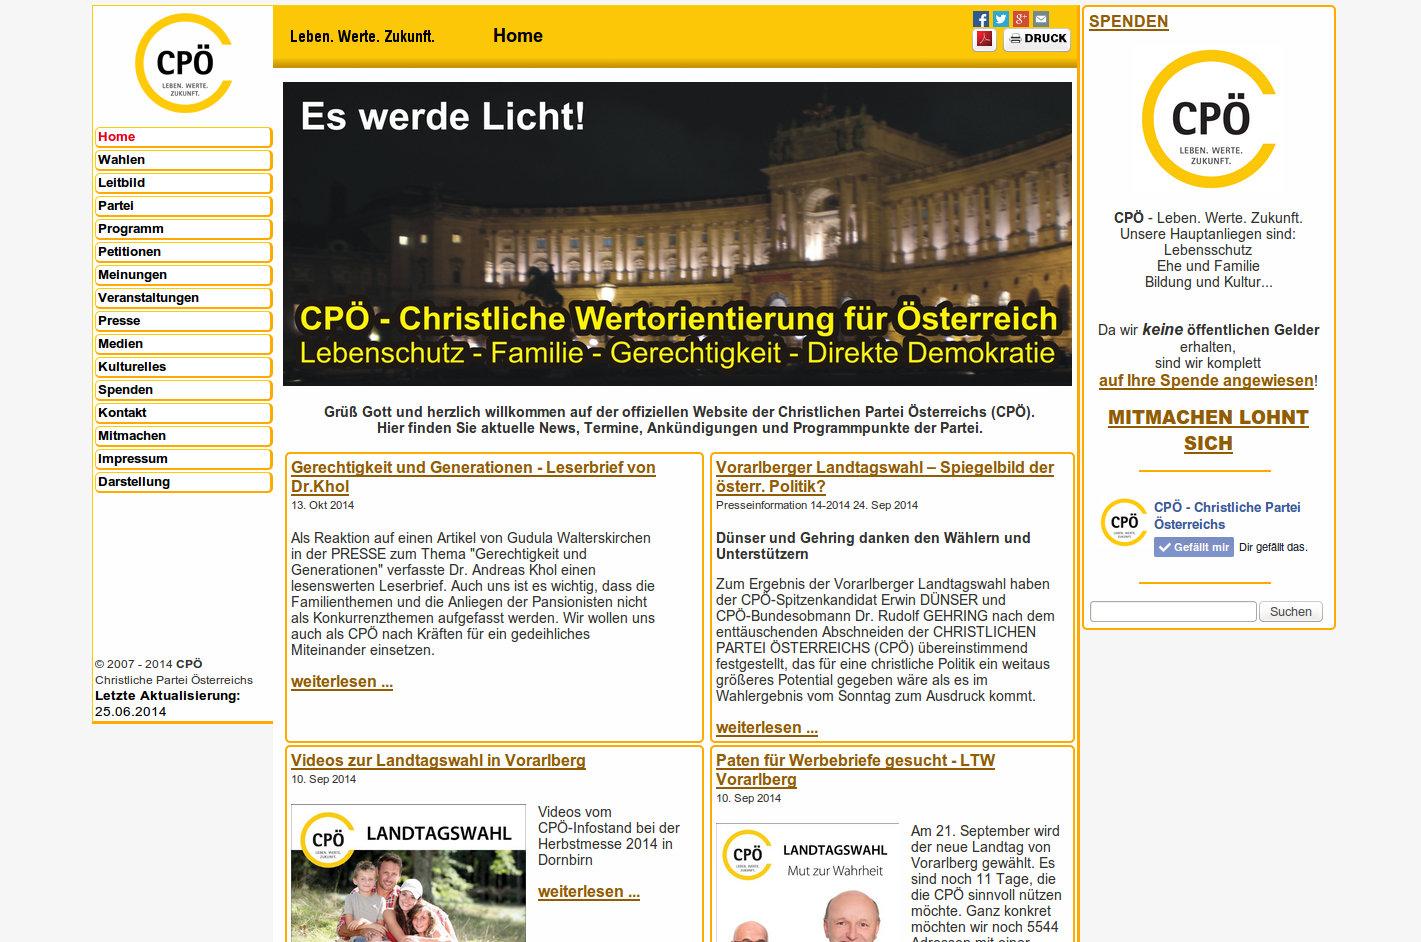 CPÖ Christliche Partei Österreichs